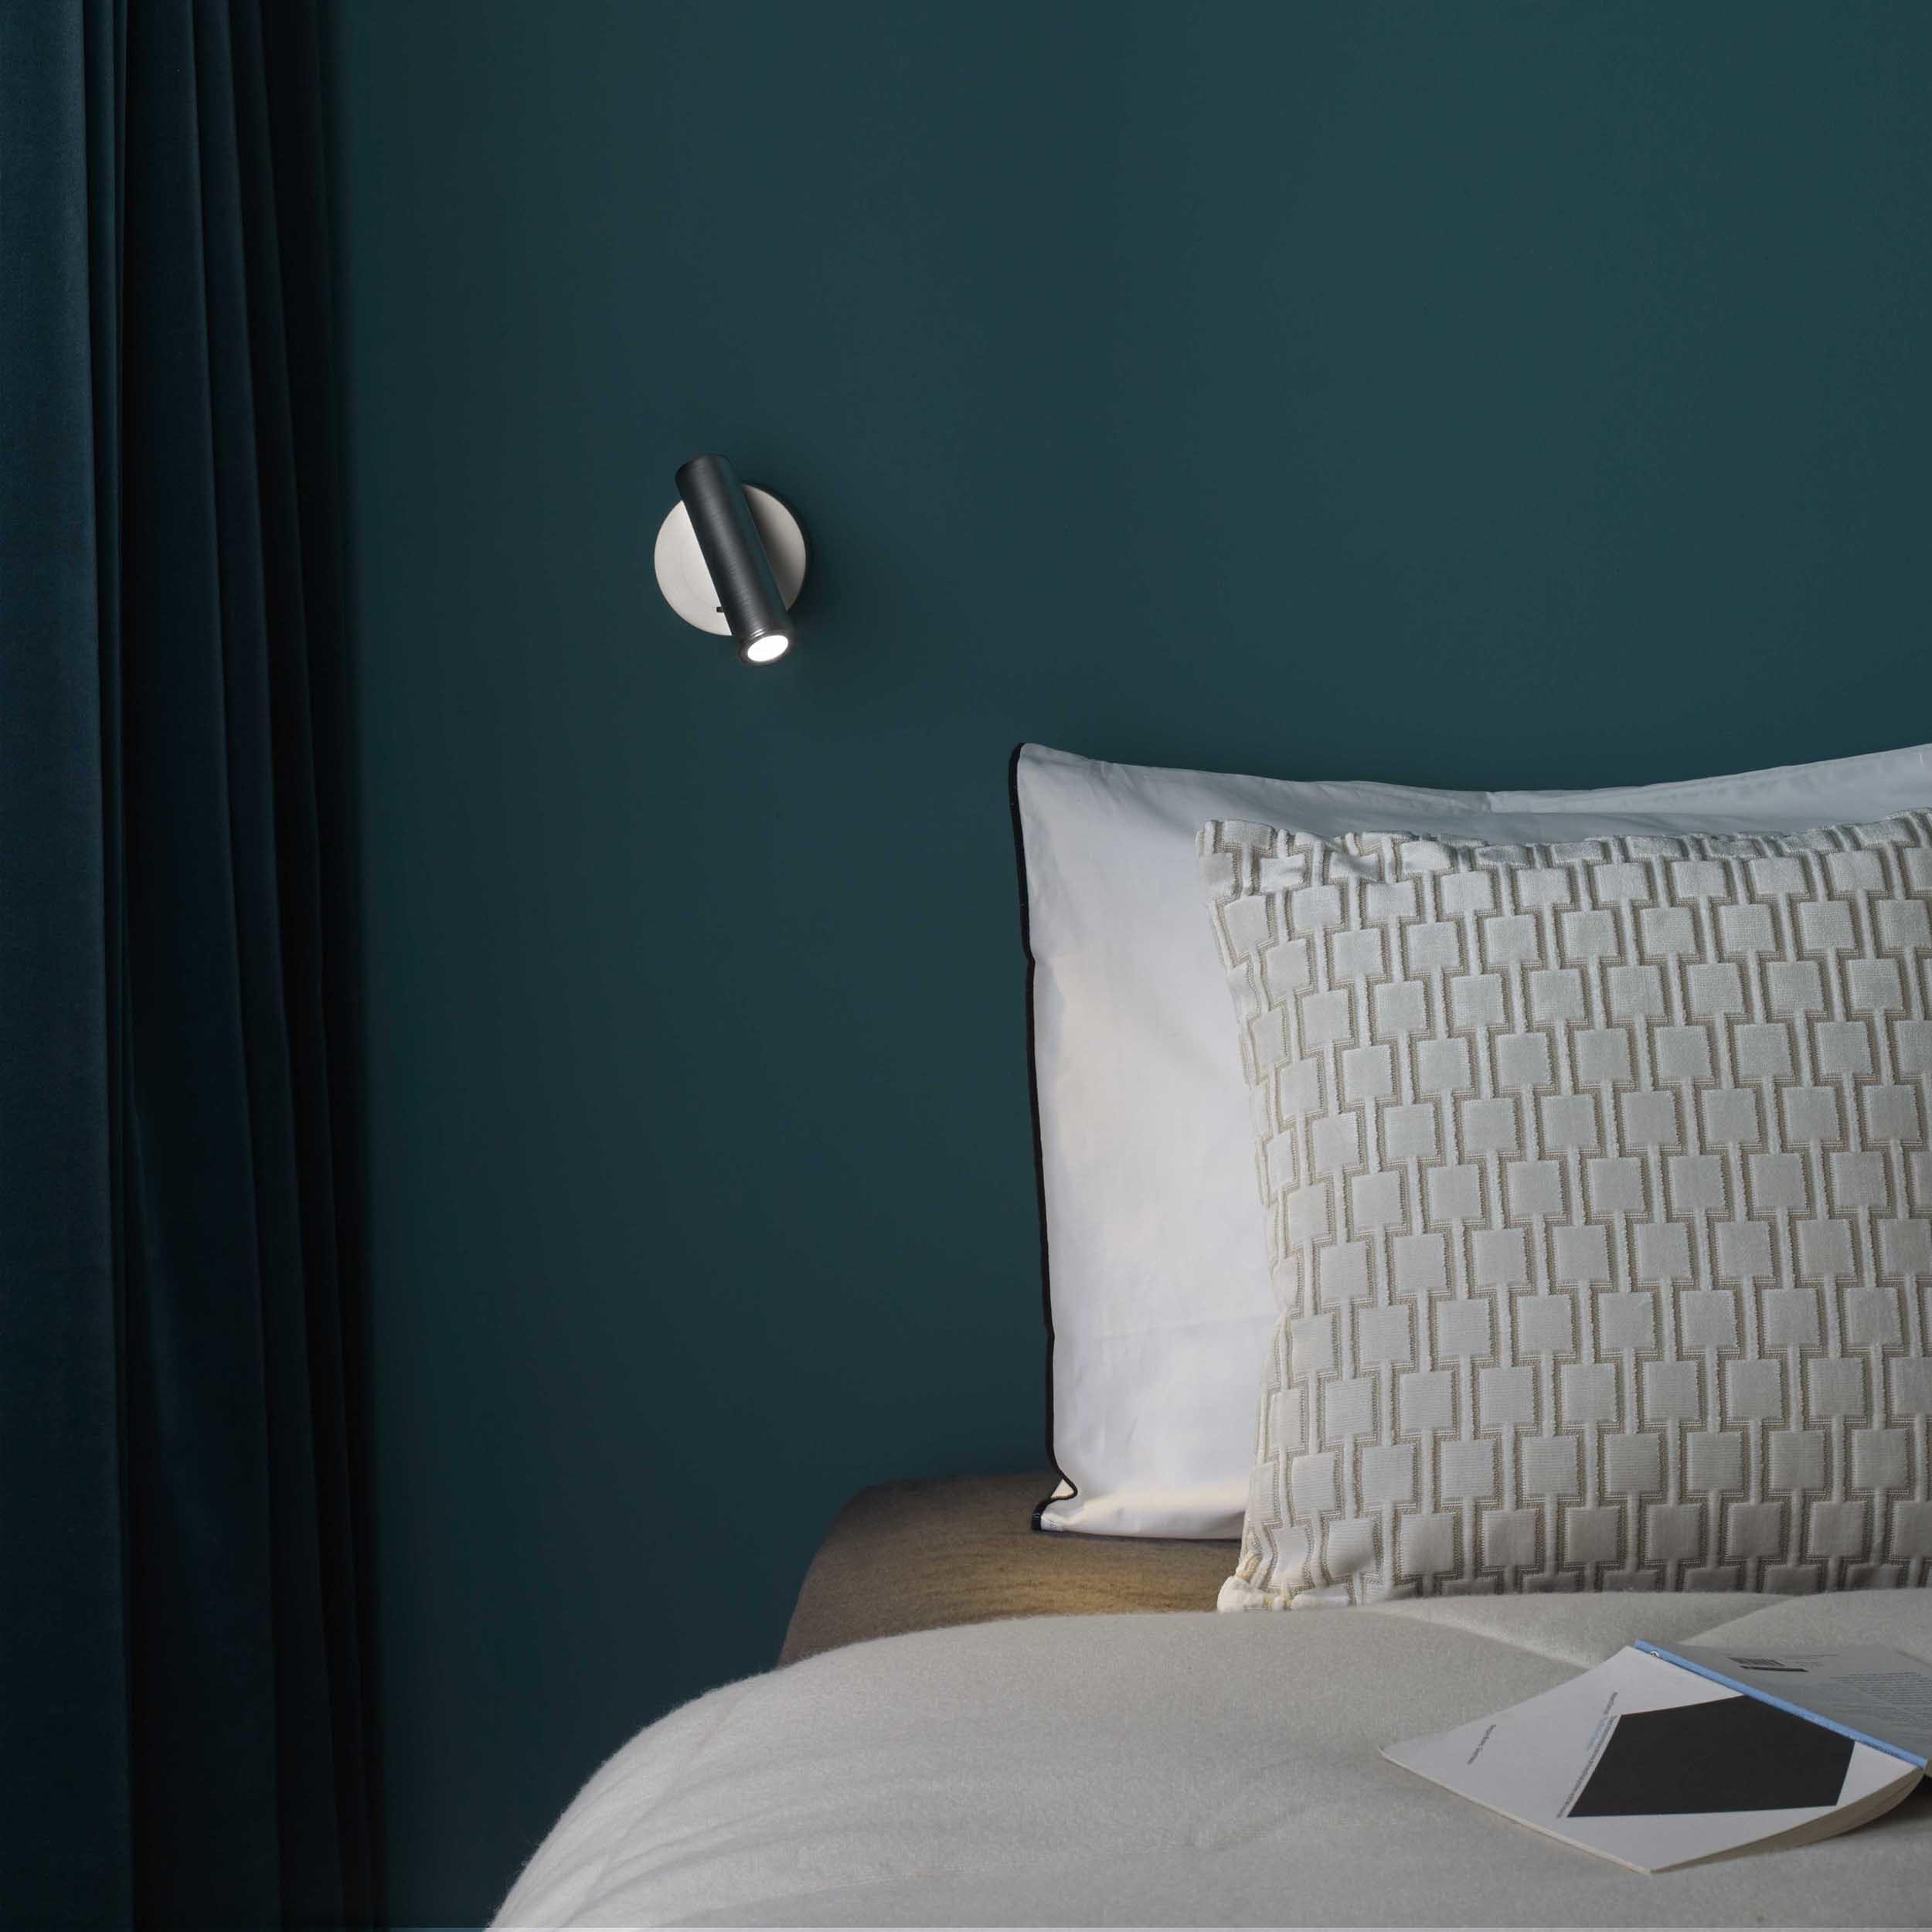 Настенный светодиодный светильник с регулировкой направления света Astro Enna LED 1058014 (7358), LED 4,47W 2700K 111.44lm CRI80, хром, металл - фото 2